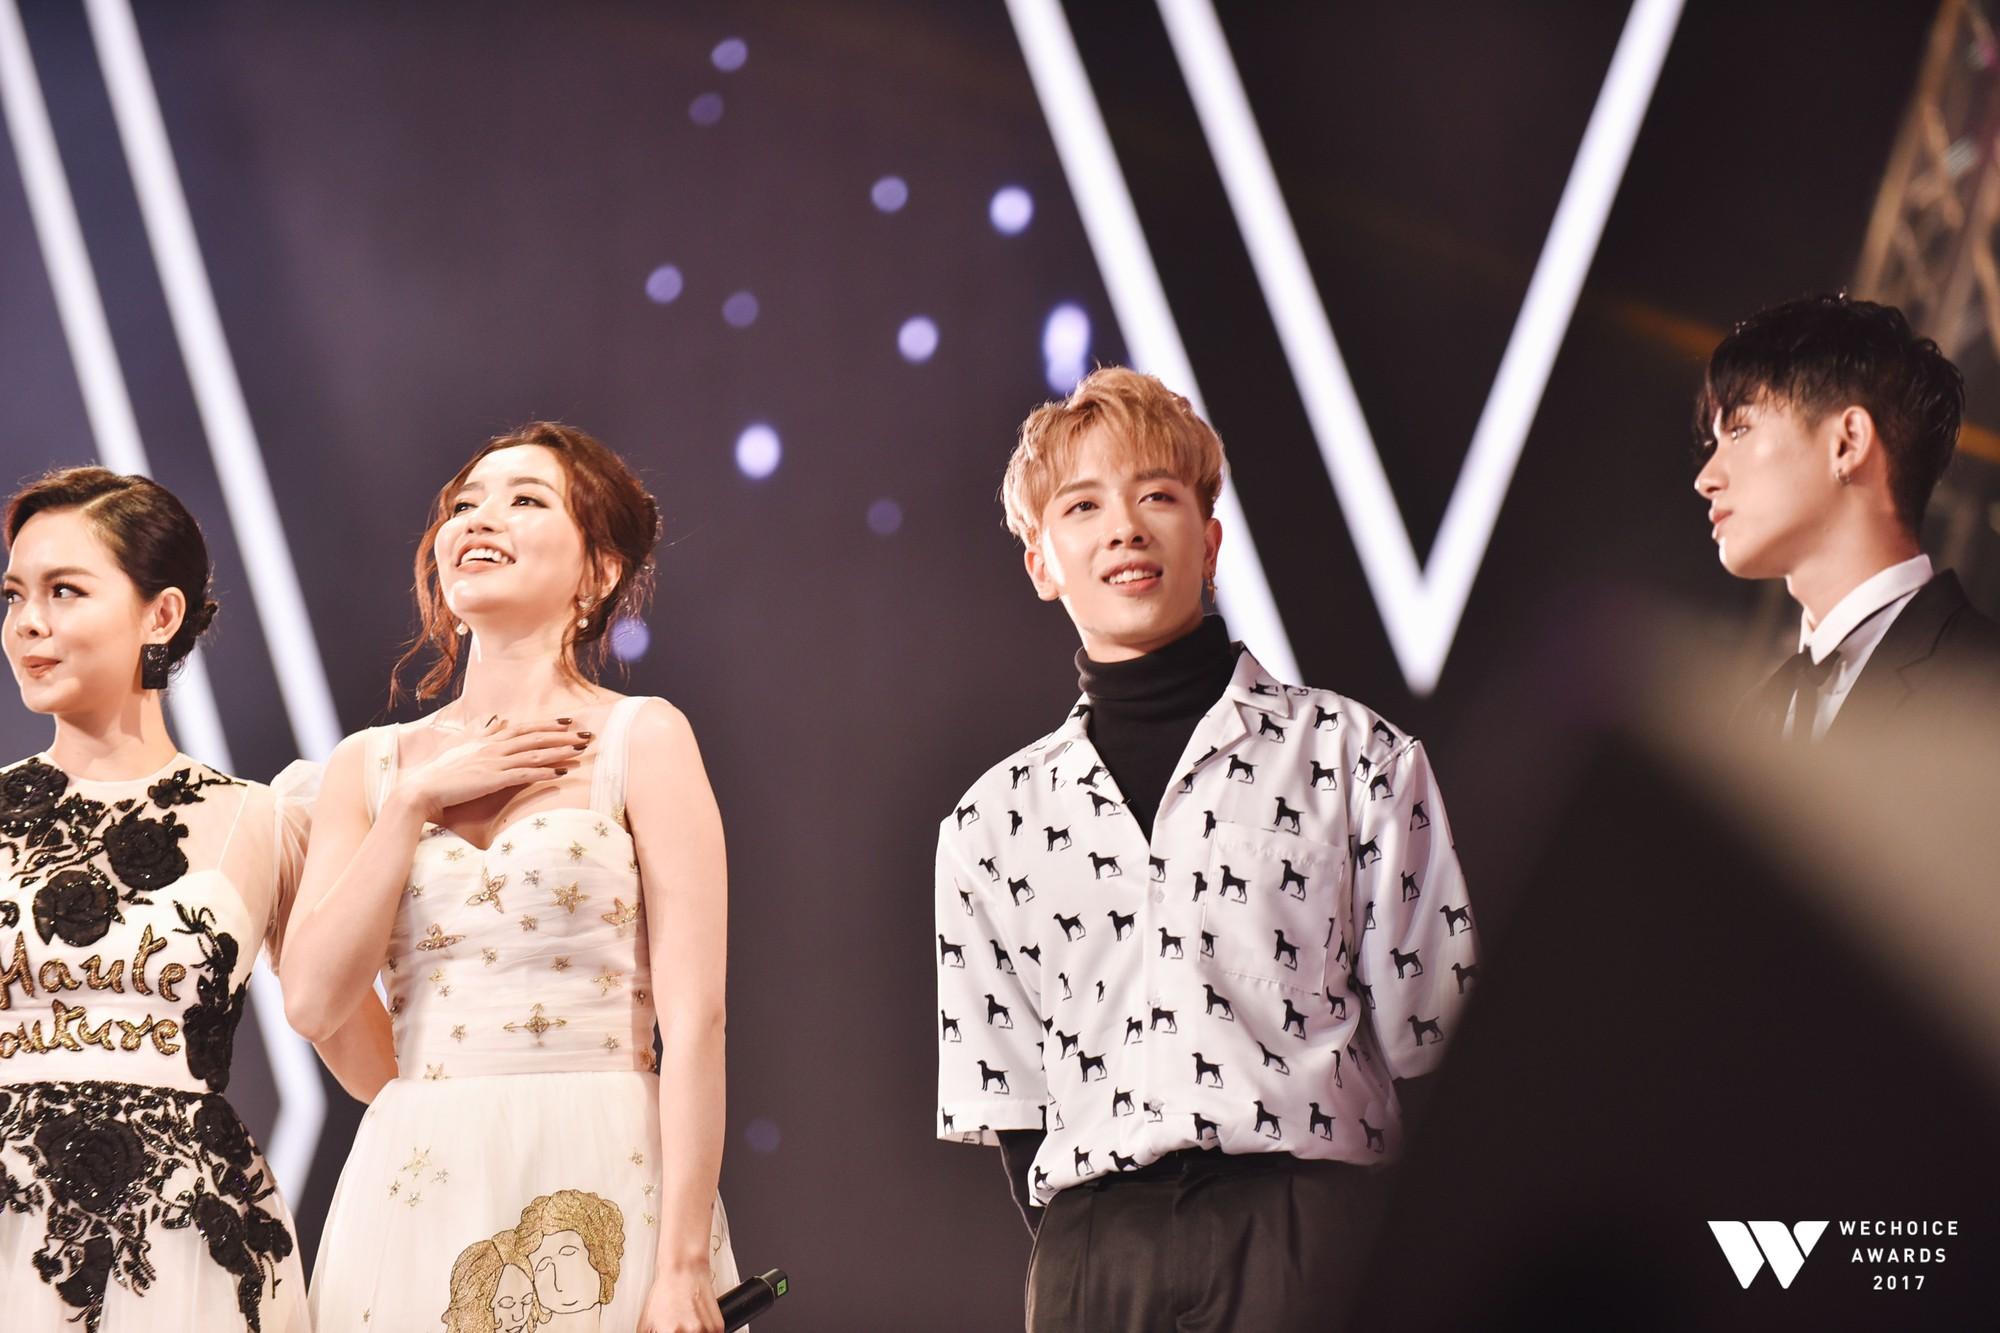 Khoảnh khắc WeChoice Awards: Đẹp nhất là khi Sơn Tùng, bé Bôm và các nghệ sĩ Việt cùng chậm lại trong dòng cảm xúc vỡ òa - Ảnh 48.